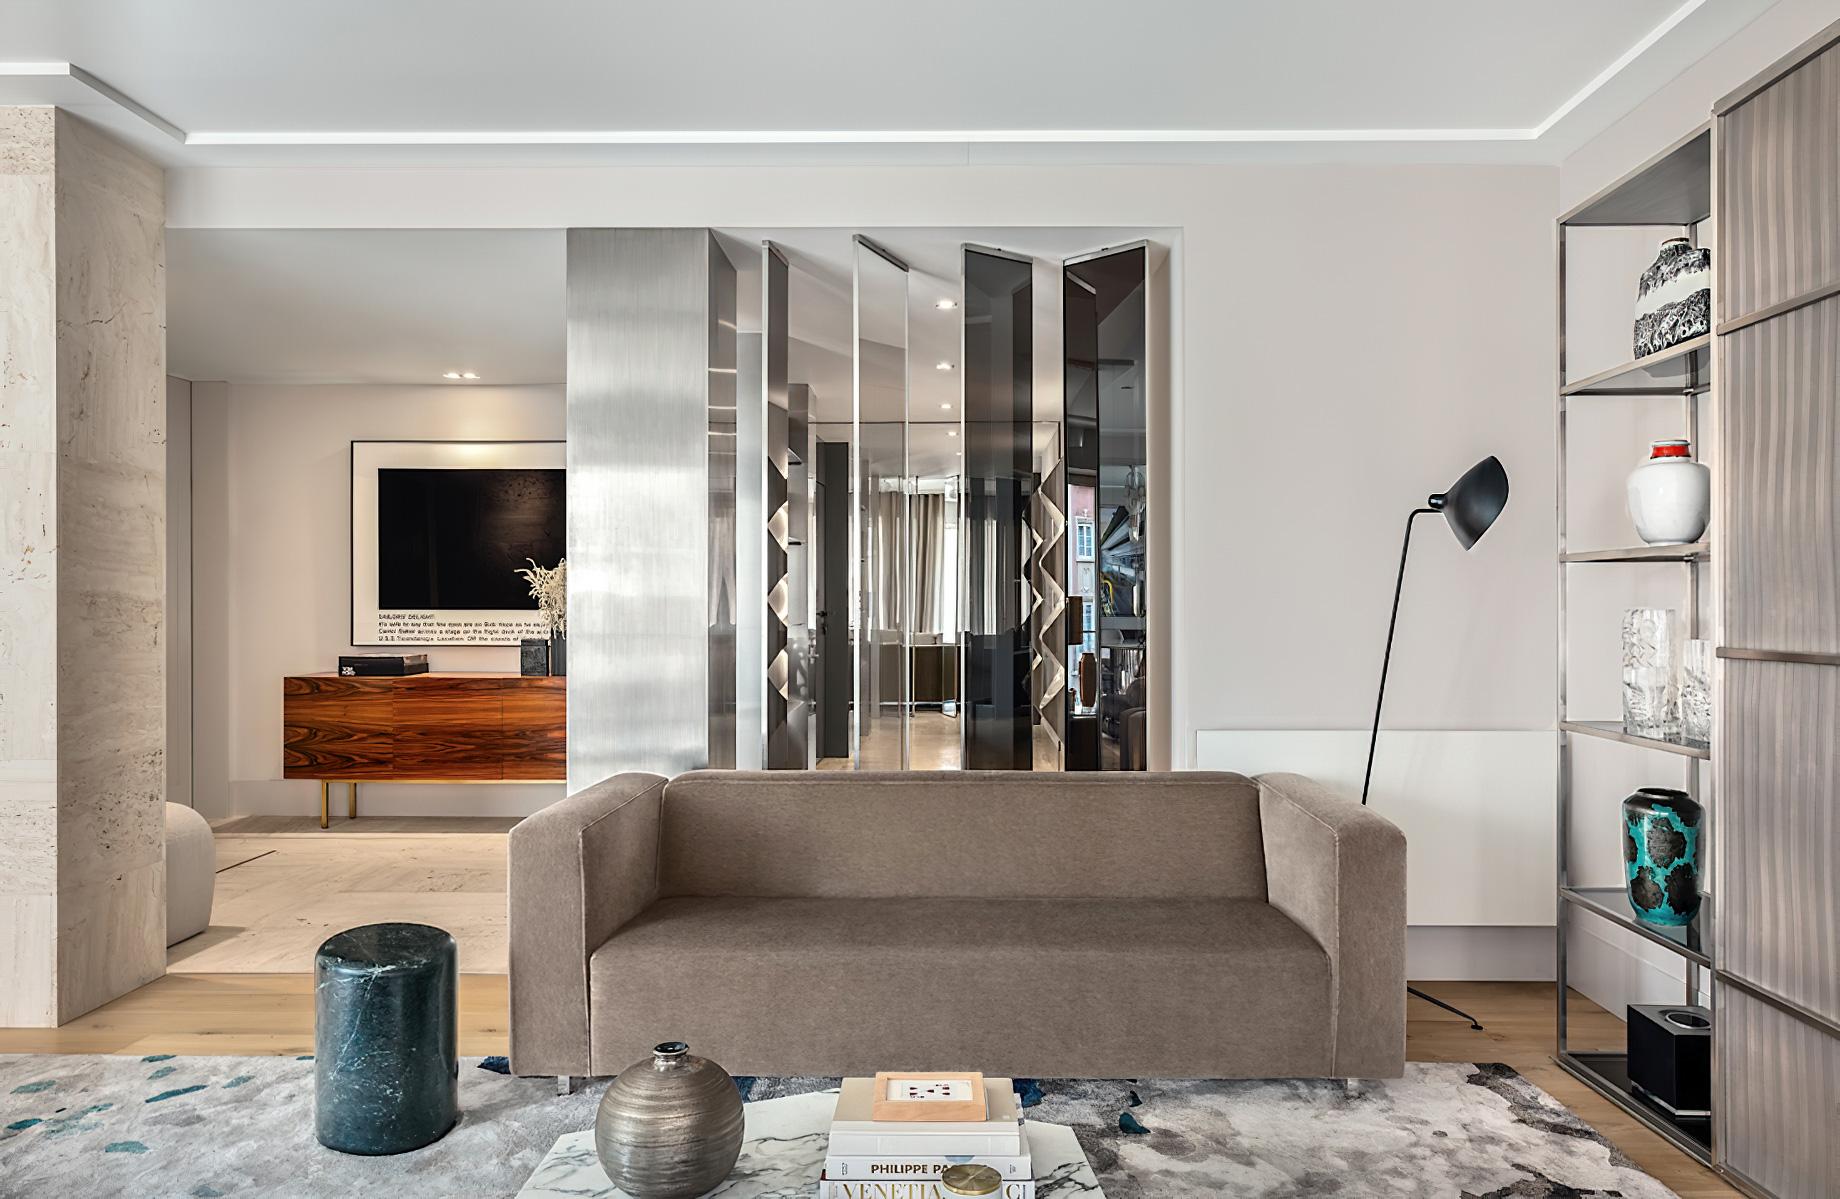 Lisboa Apartment Interior Lisbon, Portugal – Cristina Jorge de Carvalho